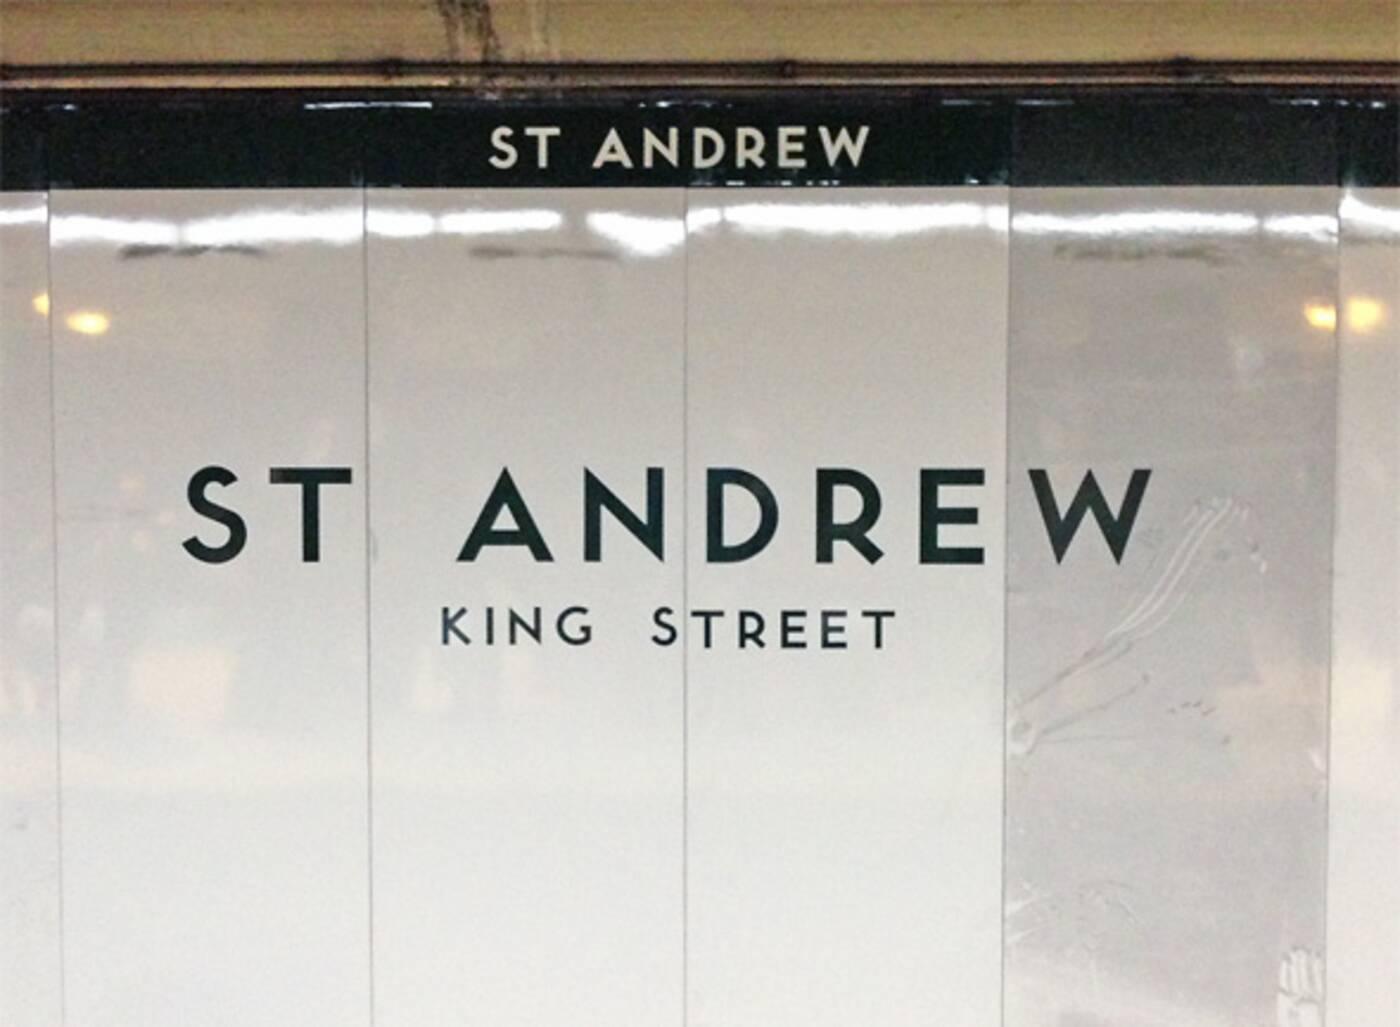 st andrew station